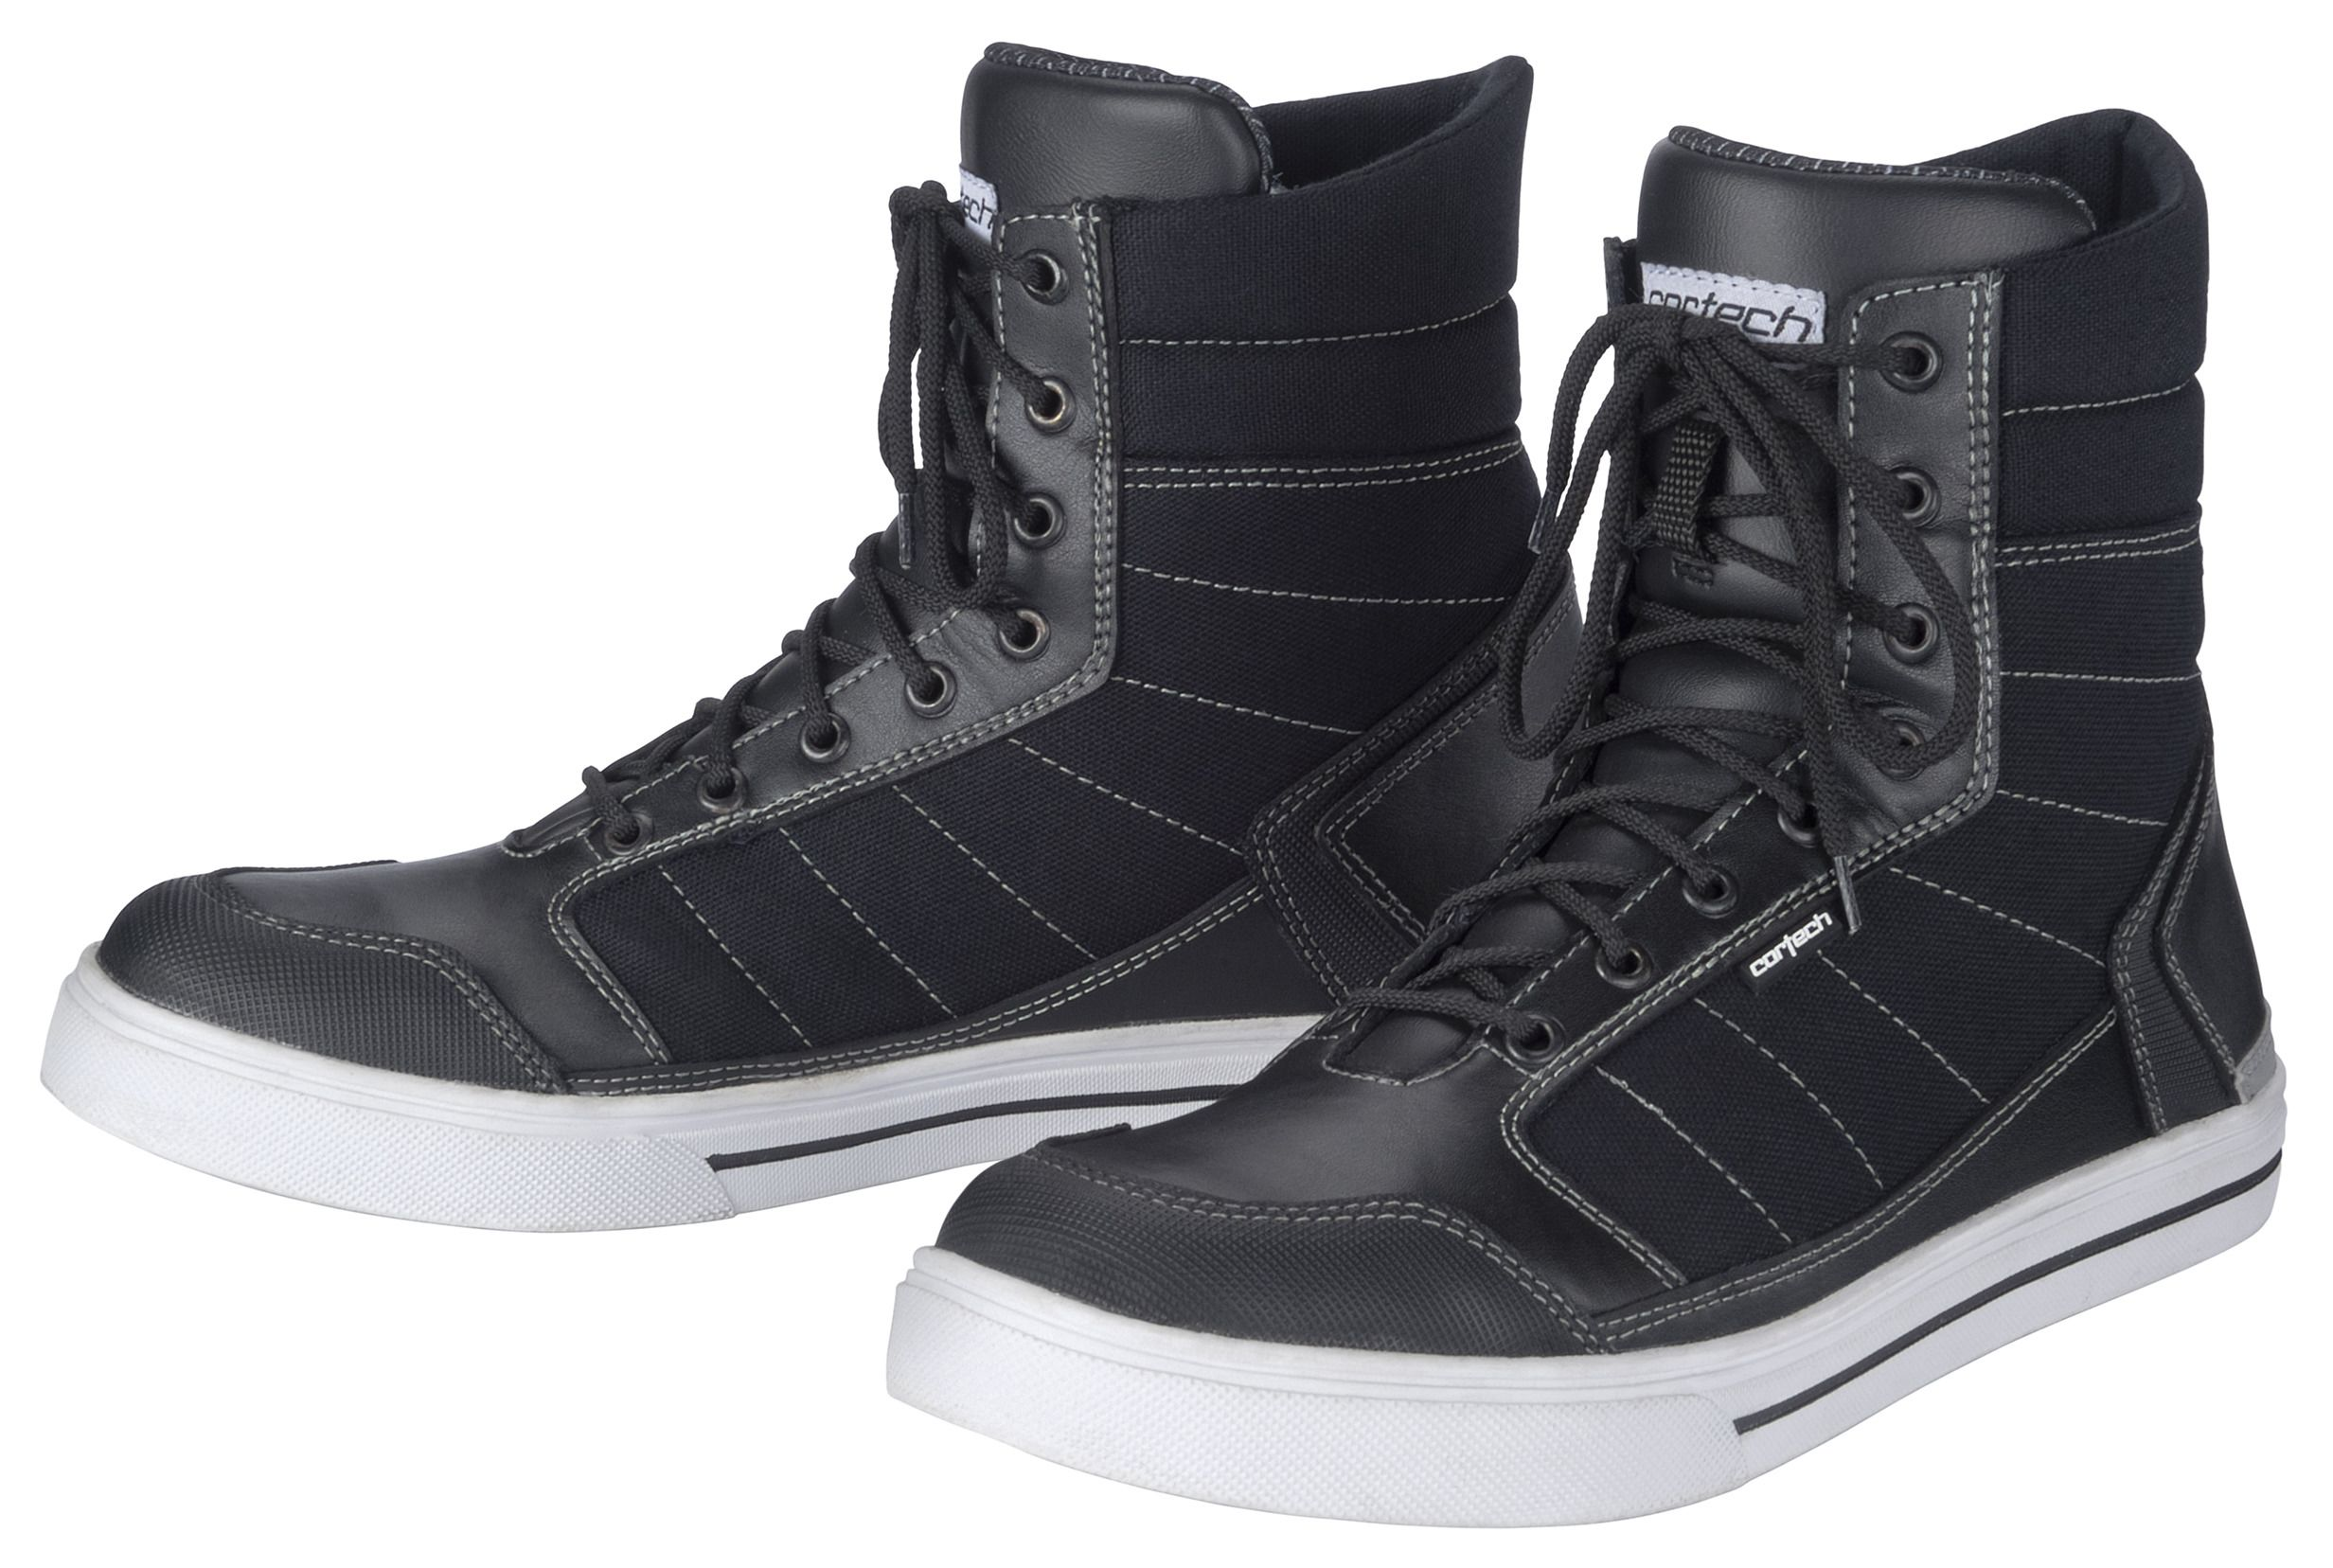 05e1c57d0a Cortech Vice WP Riding Shoes - RevZilla